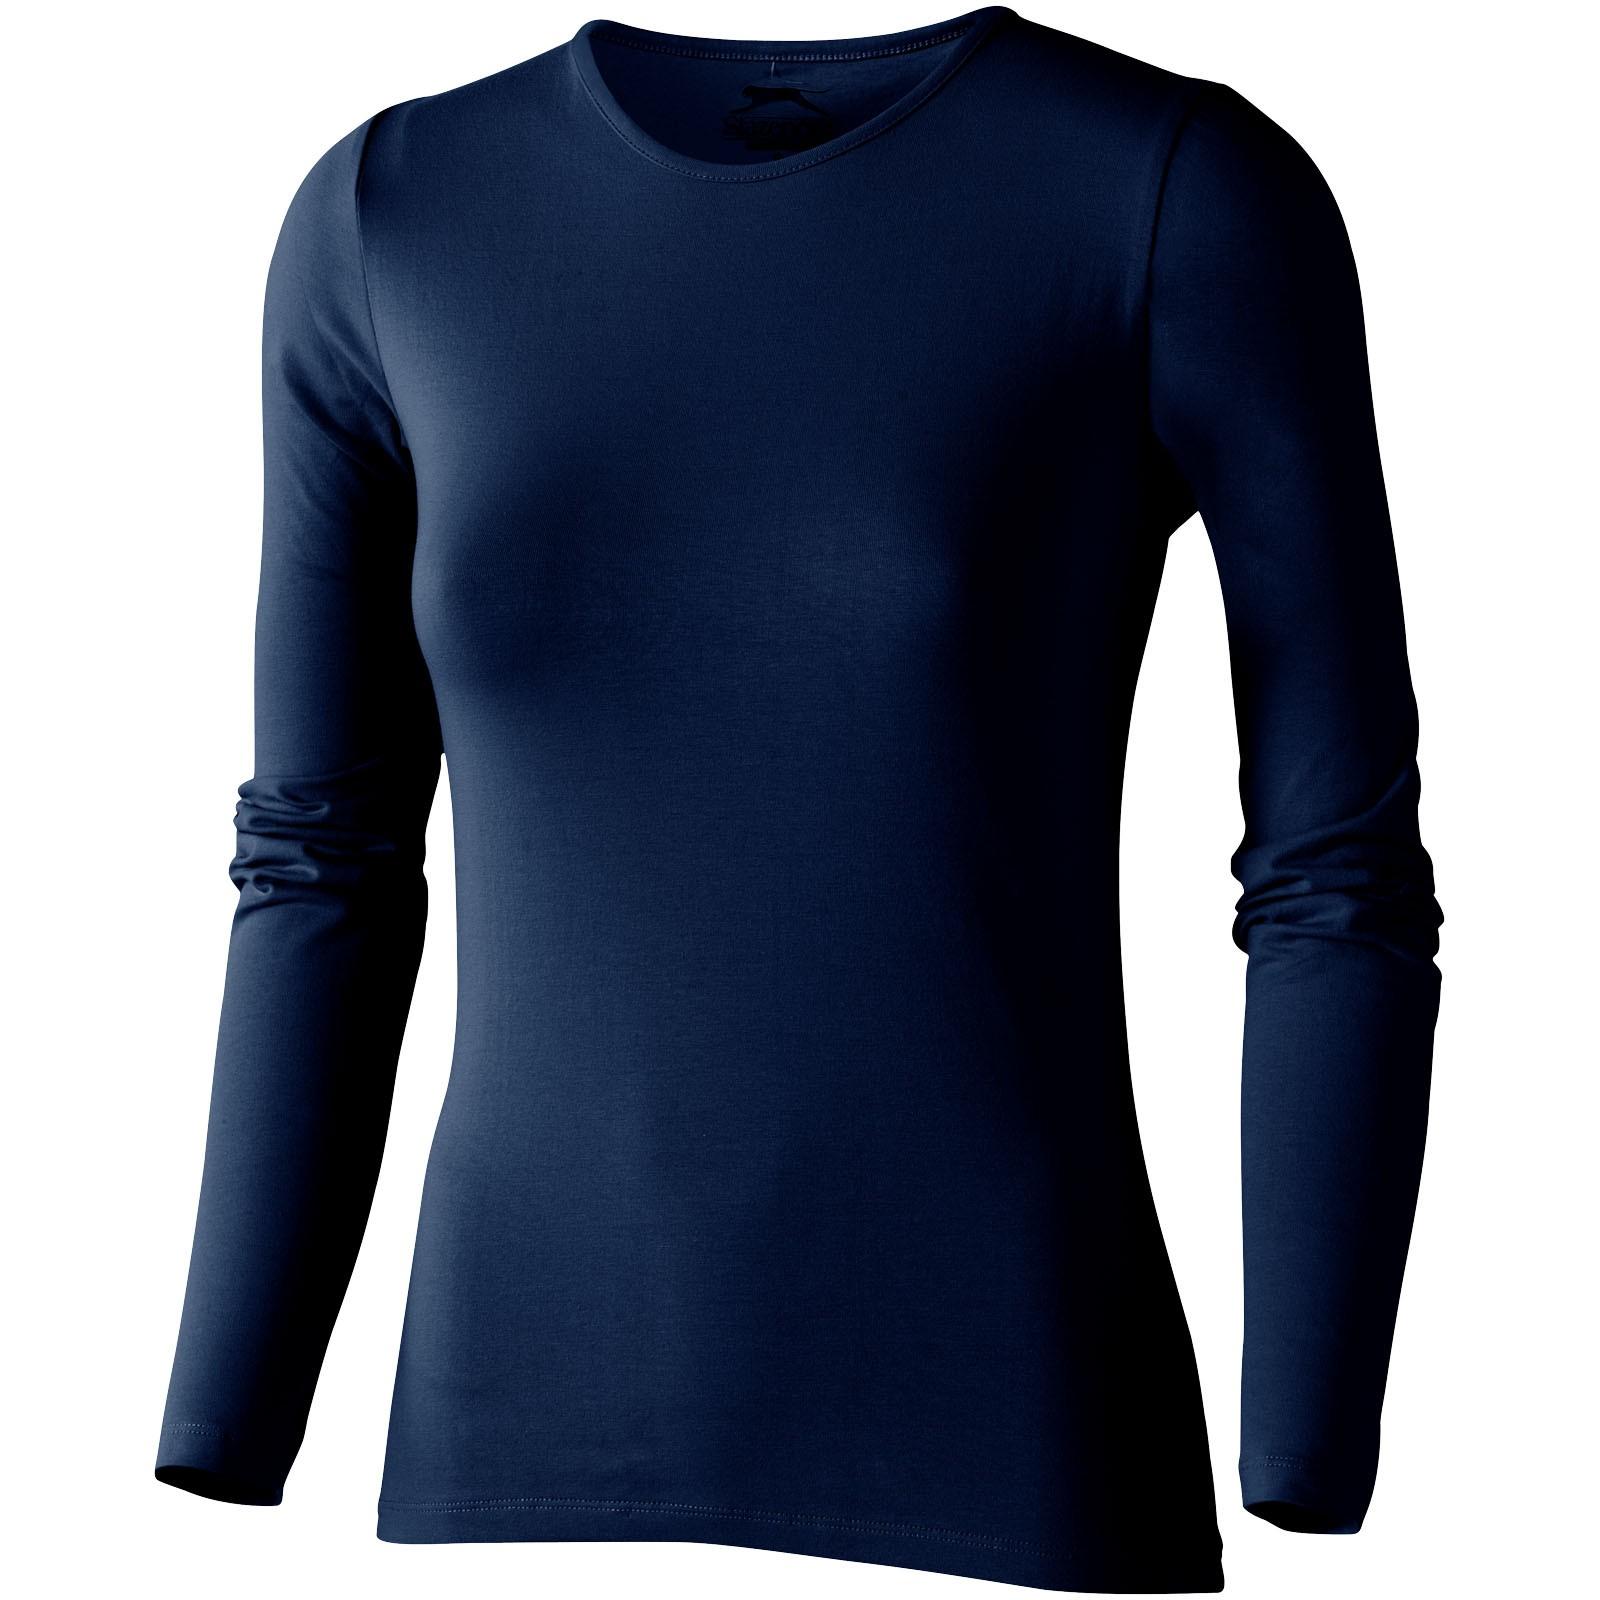 Dámské triko Curve s dlouhým rukávem - Navy / XL